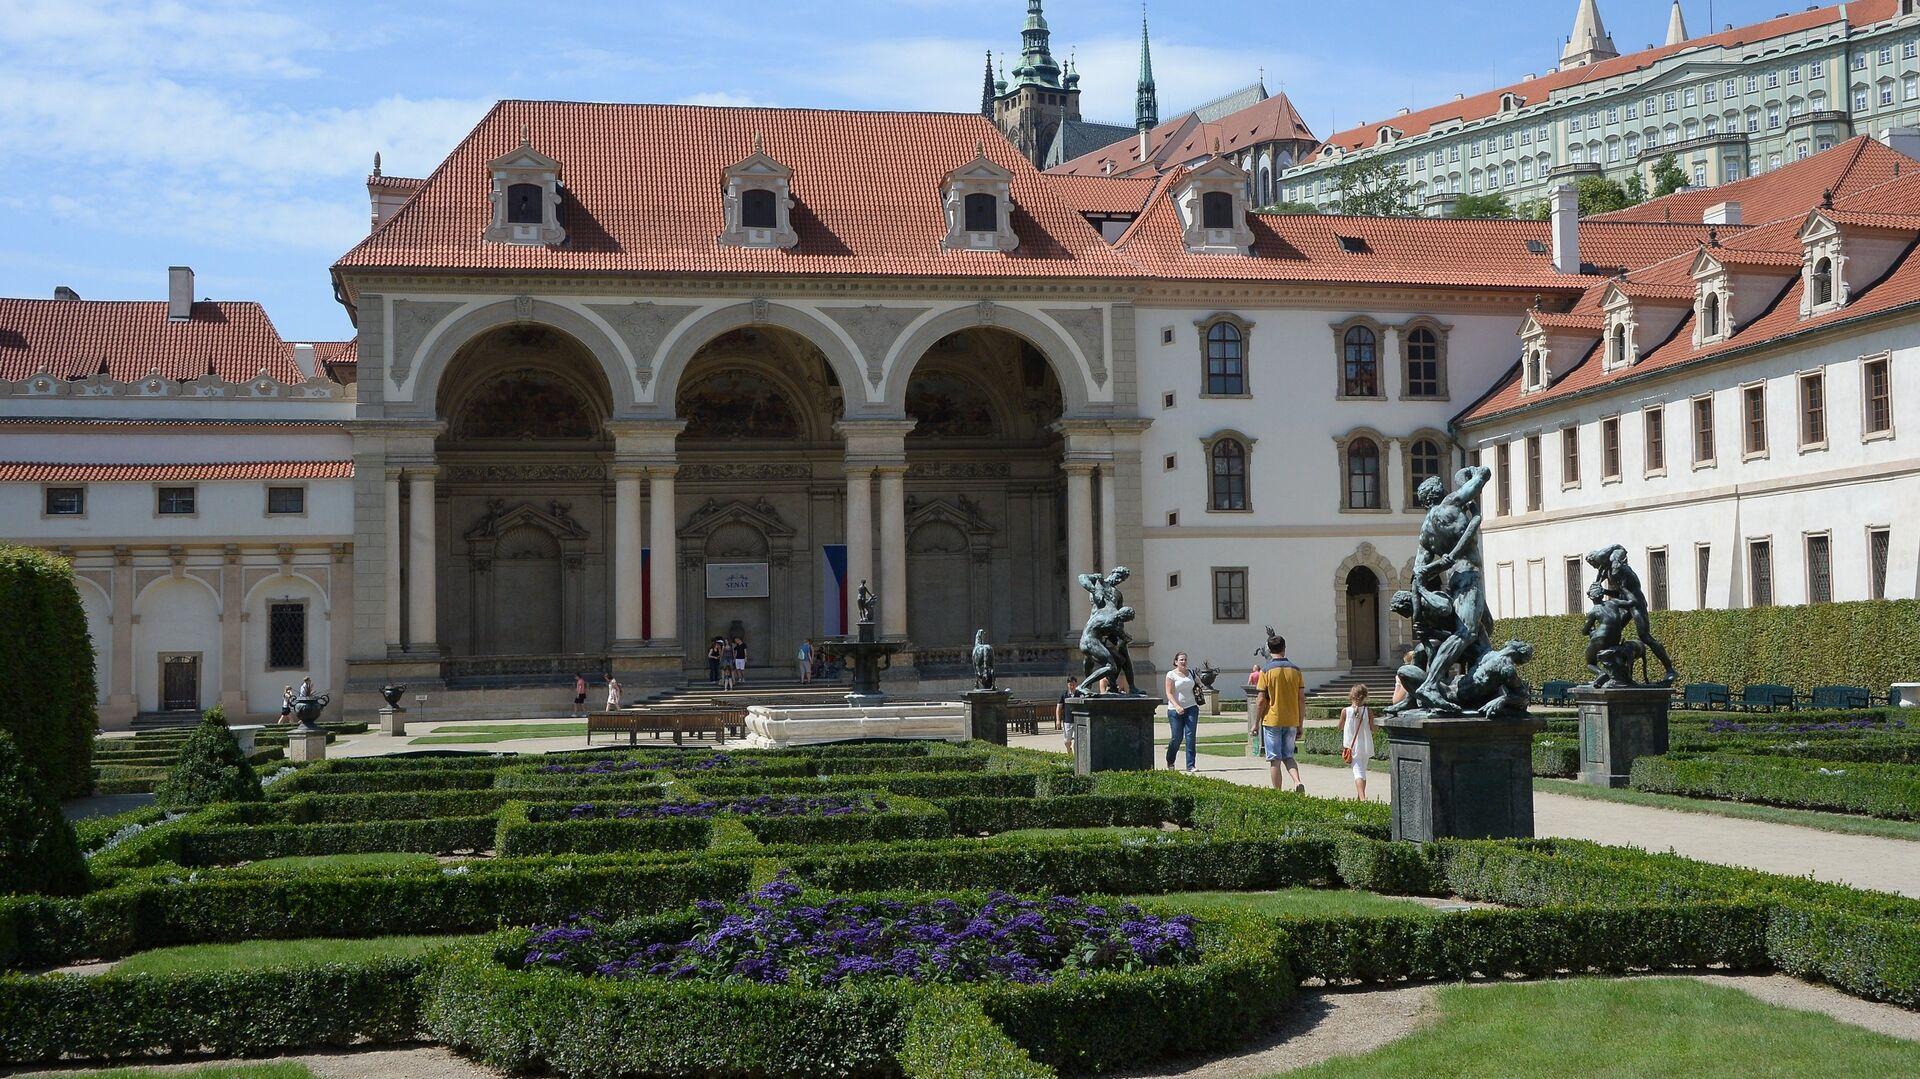 Здание Сената Чехии в Вальдштейнском саду - РИА Новости, 1920, 25.04.2021